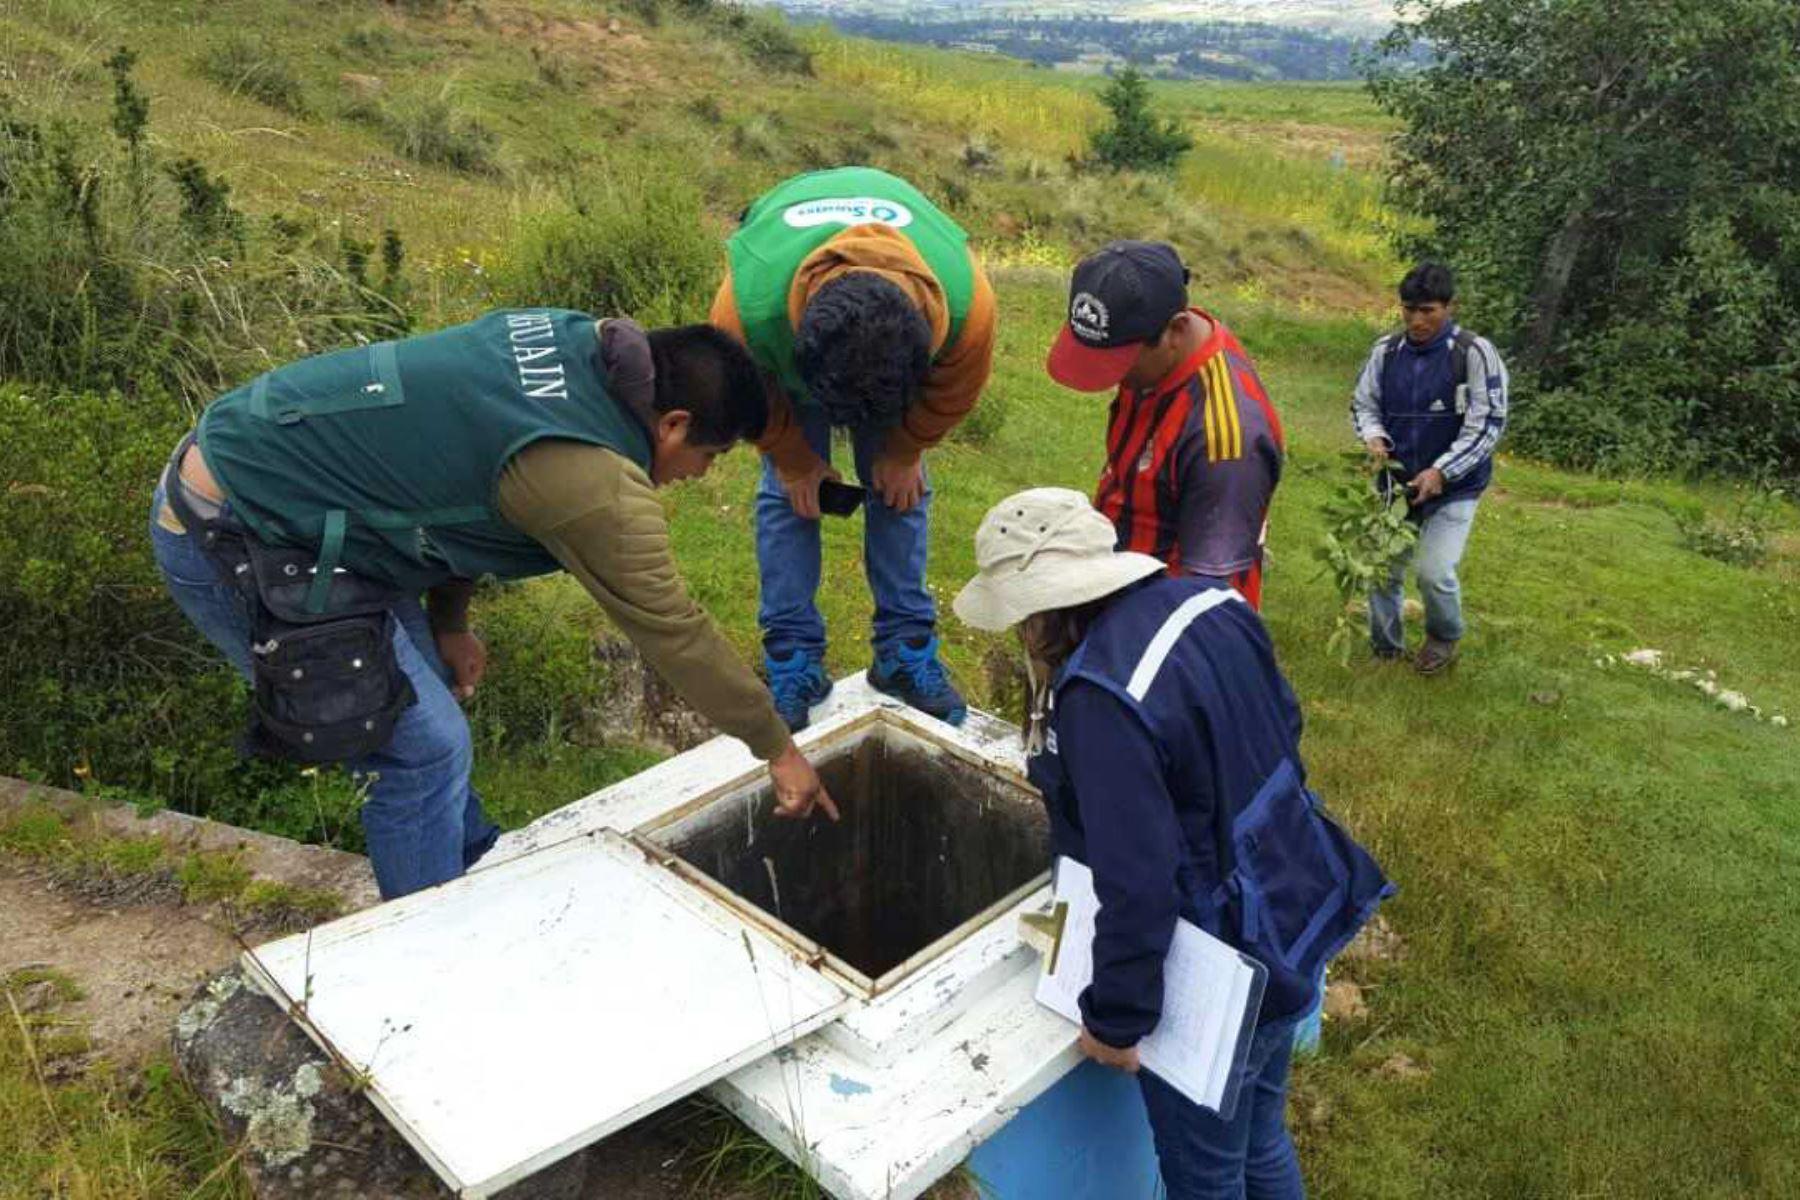 Con el fin de caracterizar el servicio brindado por las Juntas Administradoras de Servicios de Saneamiento (JASS) de la región Ayacucho, la Superintendencia Nacional de Servicios de Saneamiento (Sunass) inició labores de monitoreo de la infraestructura operacional que proporciona agua para consumo humano en el ámbito rural.